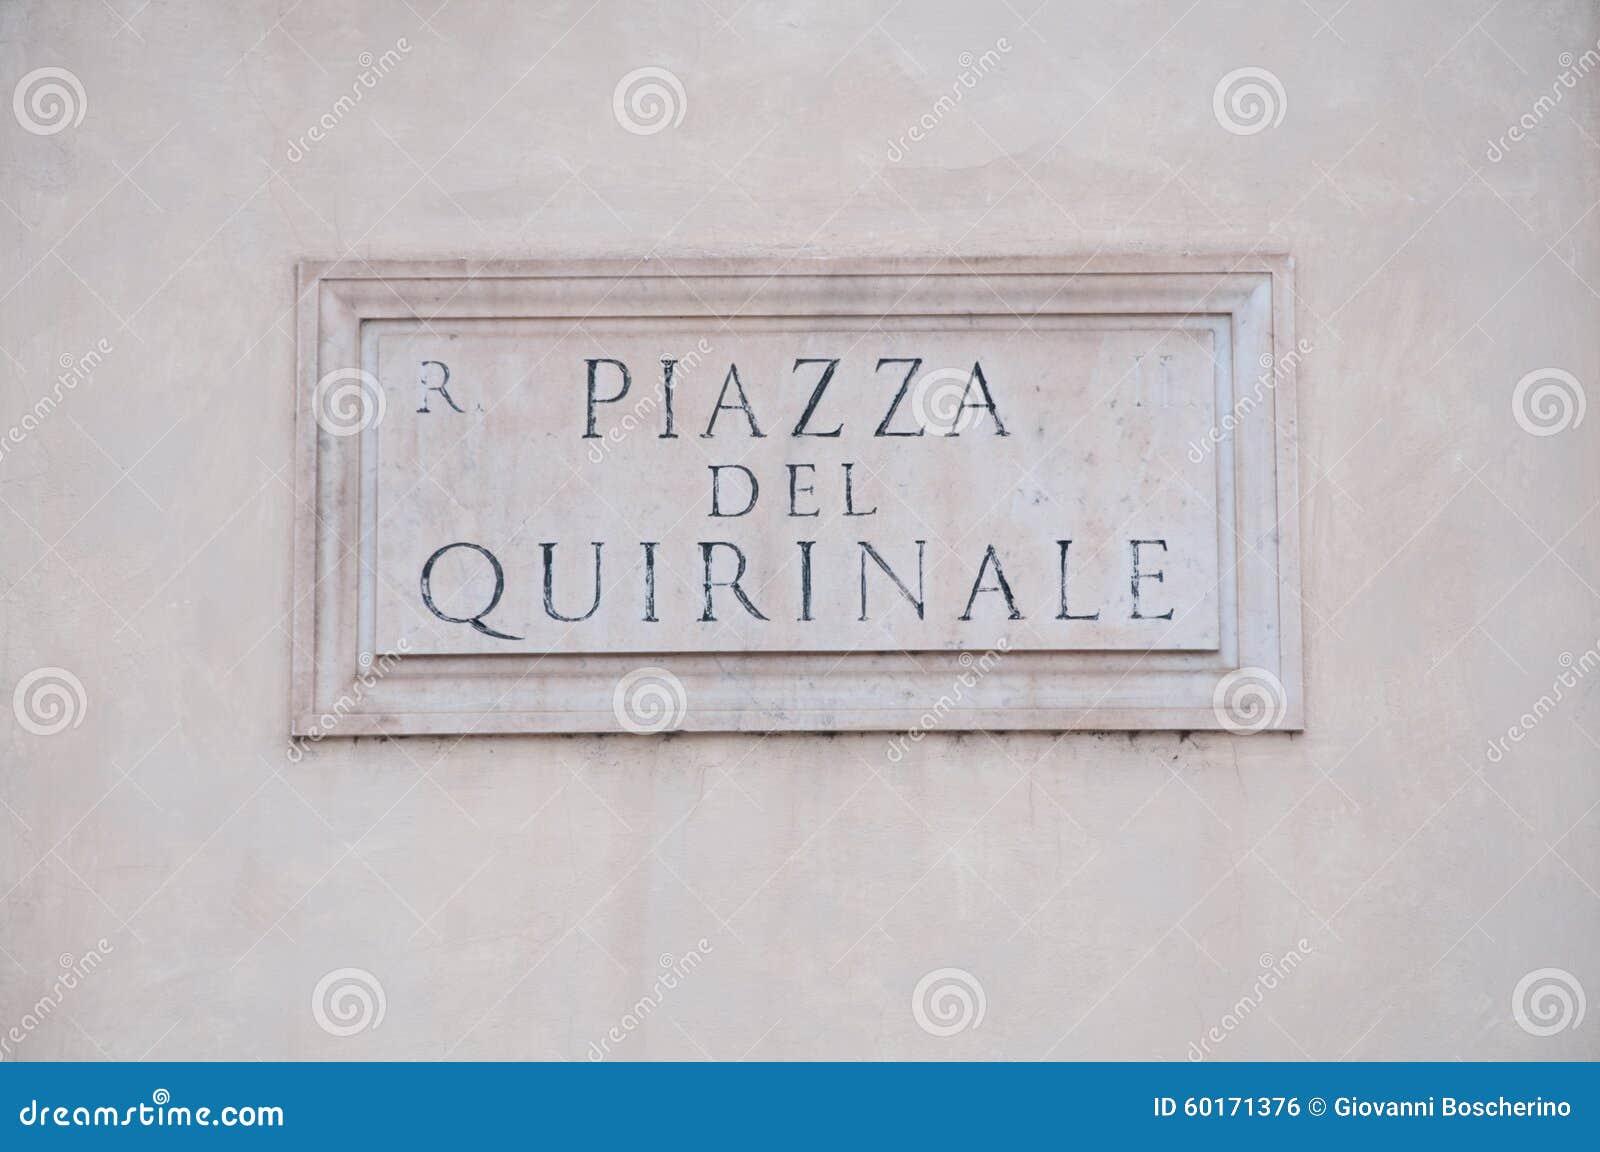 panneau routier indiquant un nom de rue en italien photo stock image 60171376. Black Bedroom Furniture Sets. Home Design Ideas